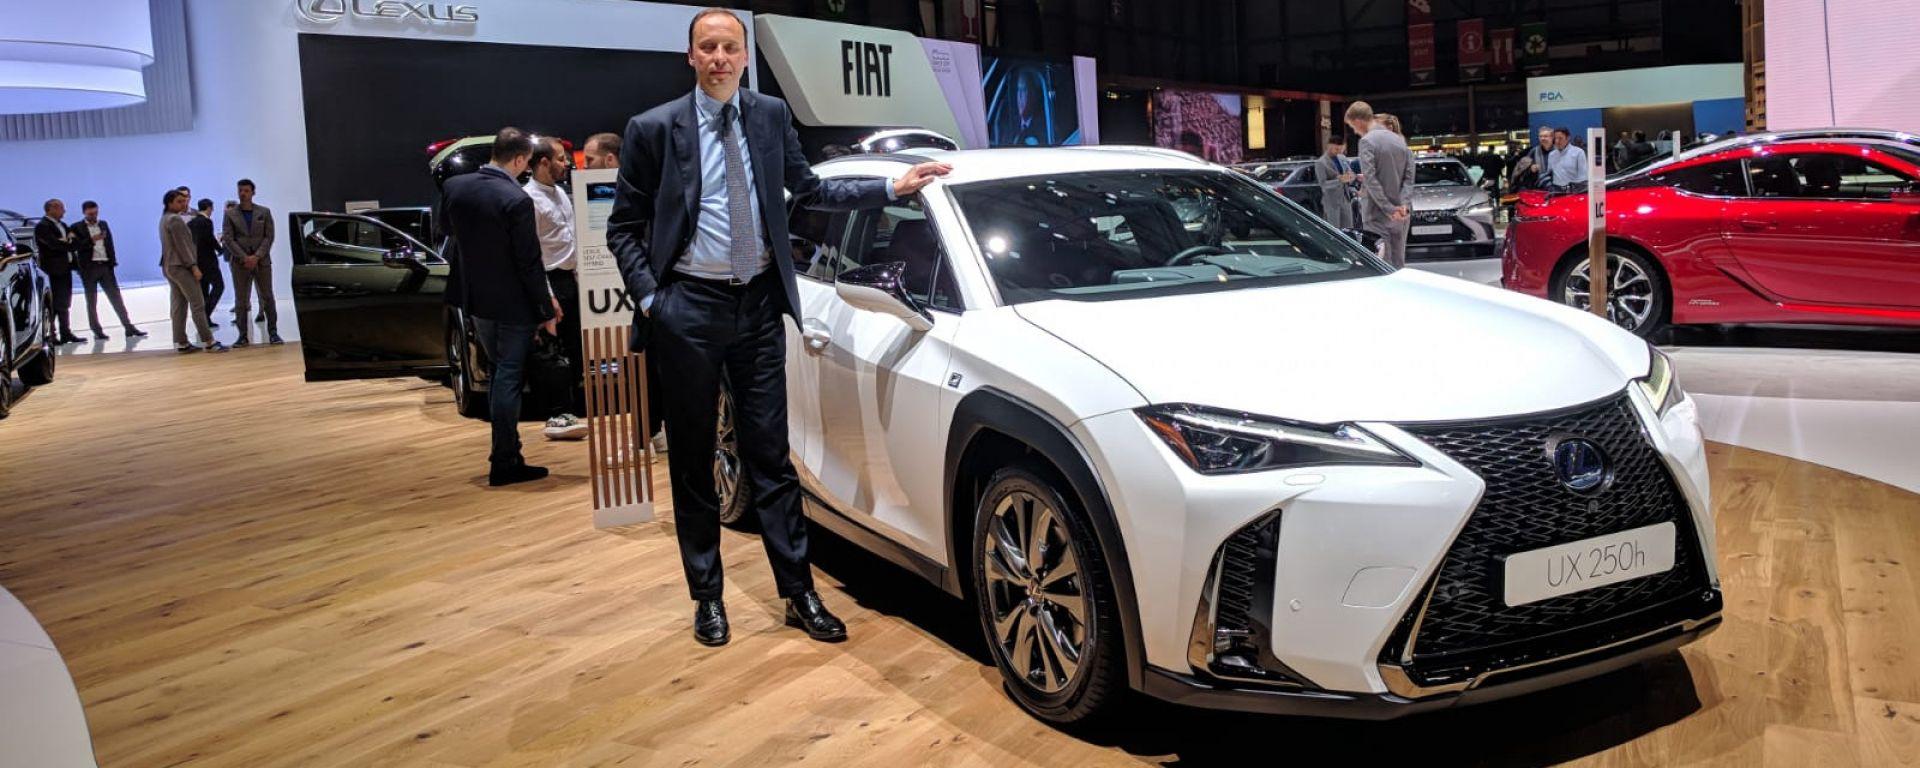 Salone di Ginevra 2019, le novità allo stand Lexus